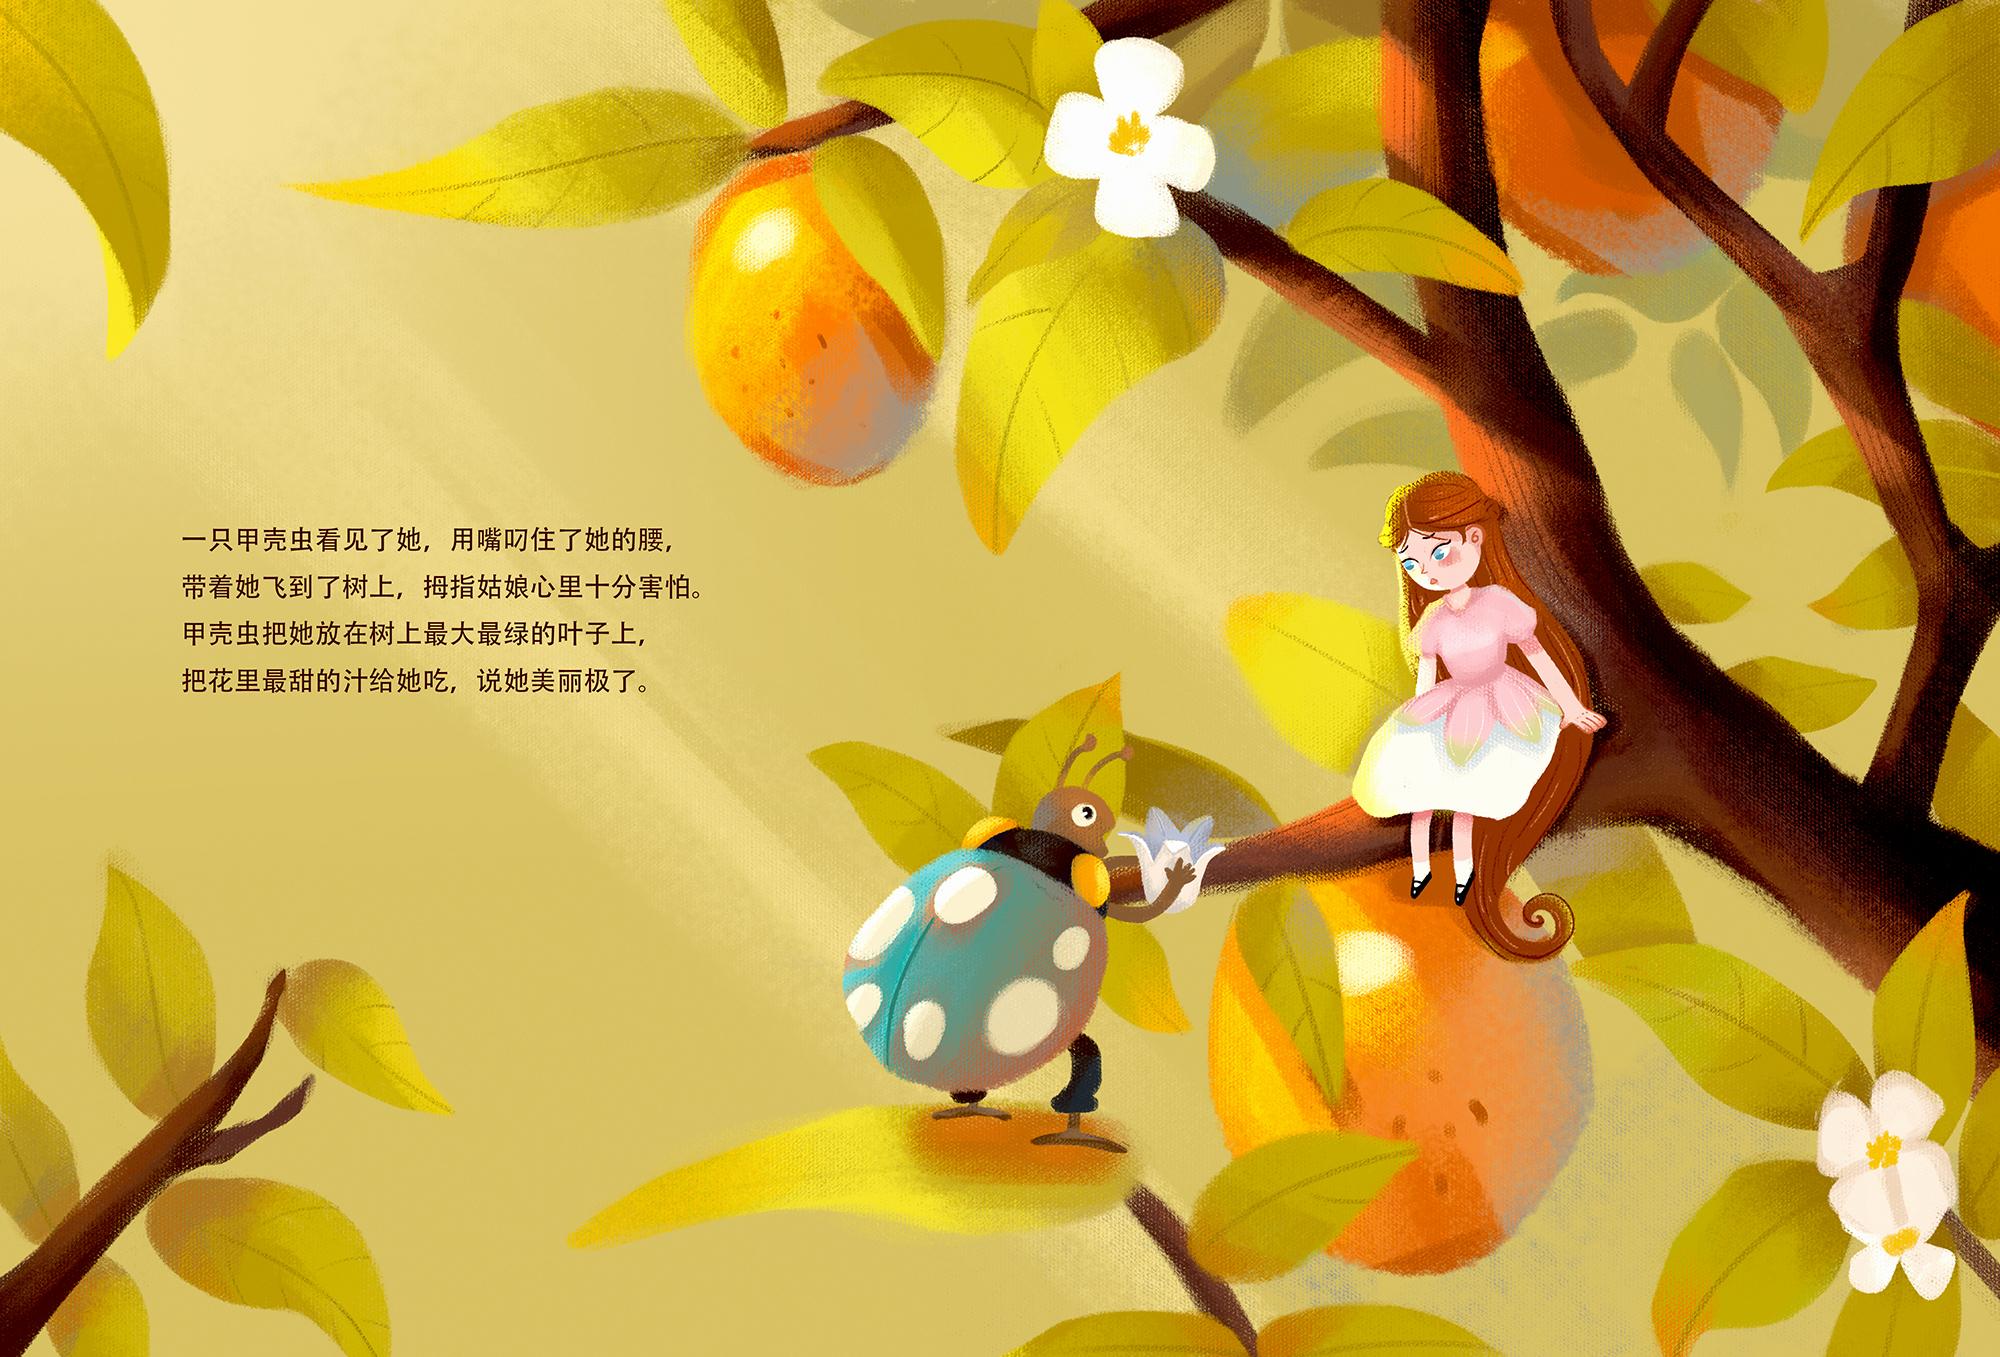 低龄幼儿科普类教学类教材儿童读物插图绘本插画插图封面设计